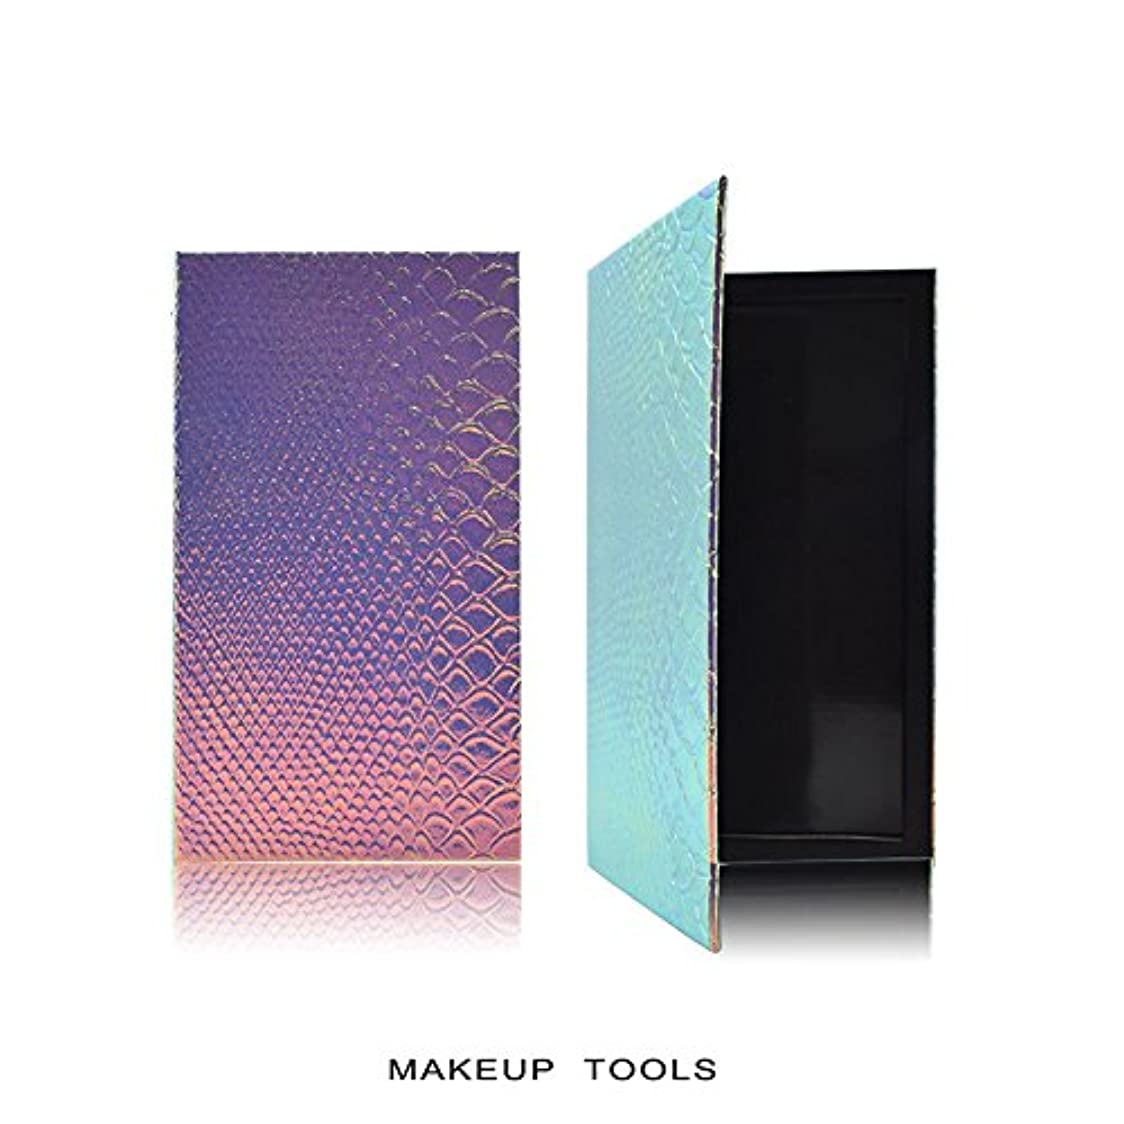 アクチュエータ一時解雇するさせるRaiFu アイシャドウ パレット 化粧 空の磁気 自作携帯型 美容 化粧品の保管ツール うろこ 18*10CM